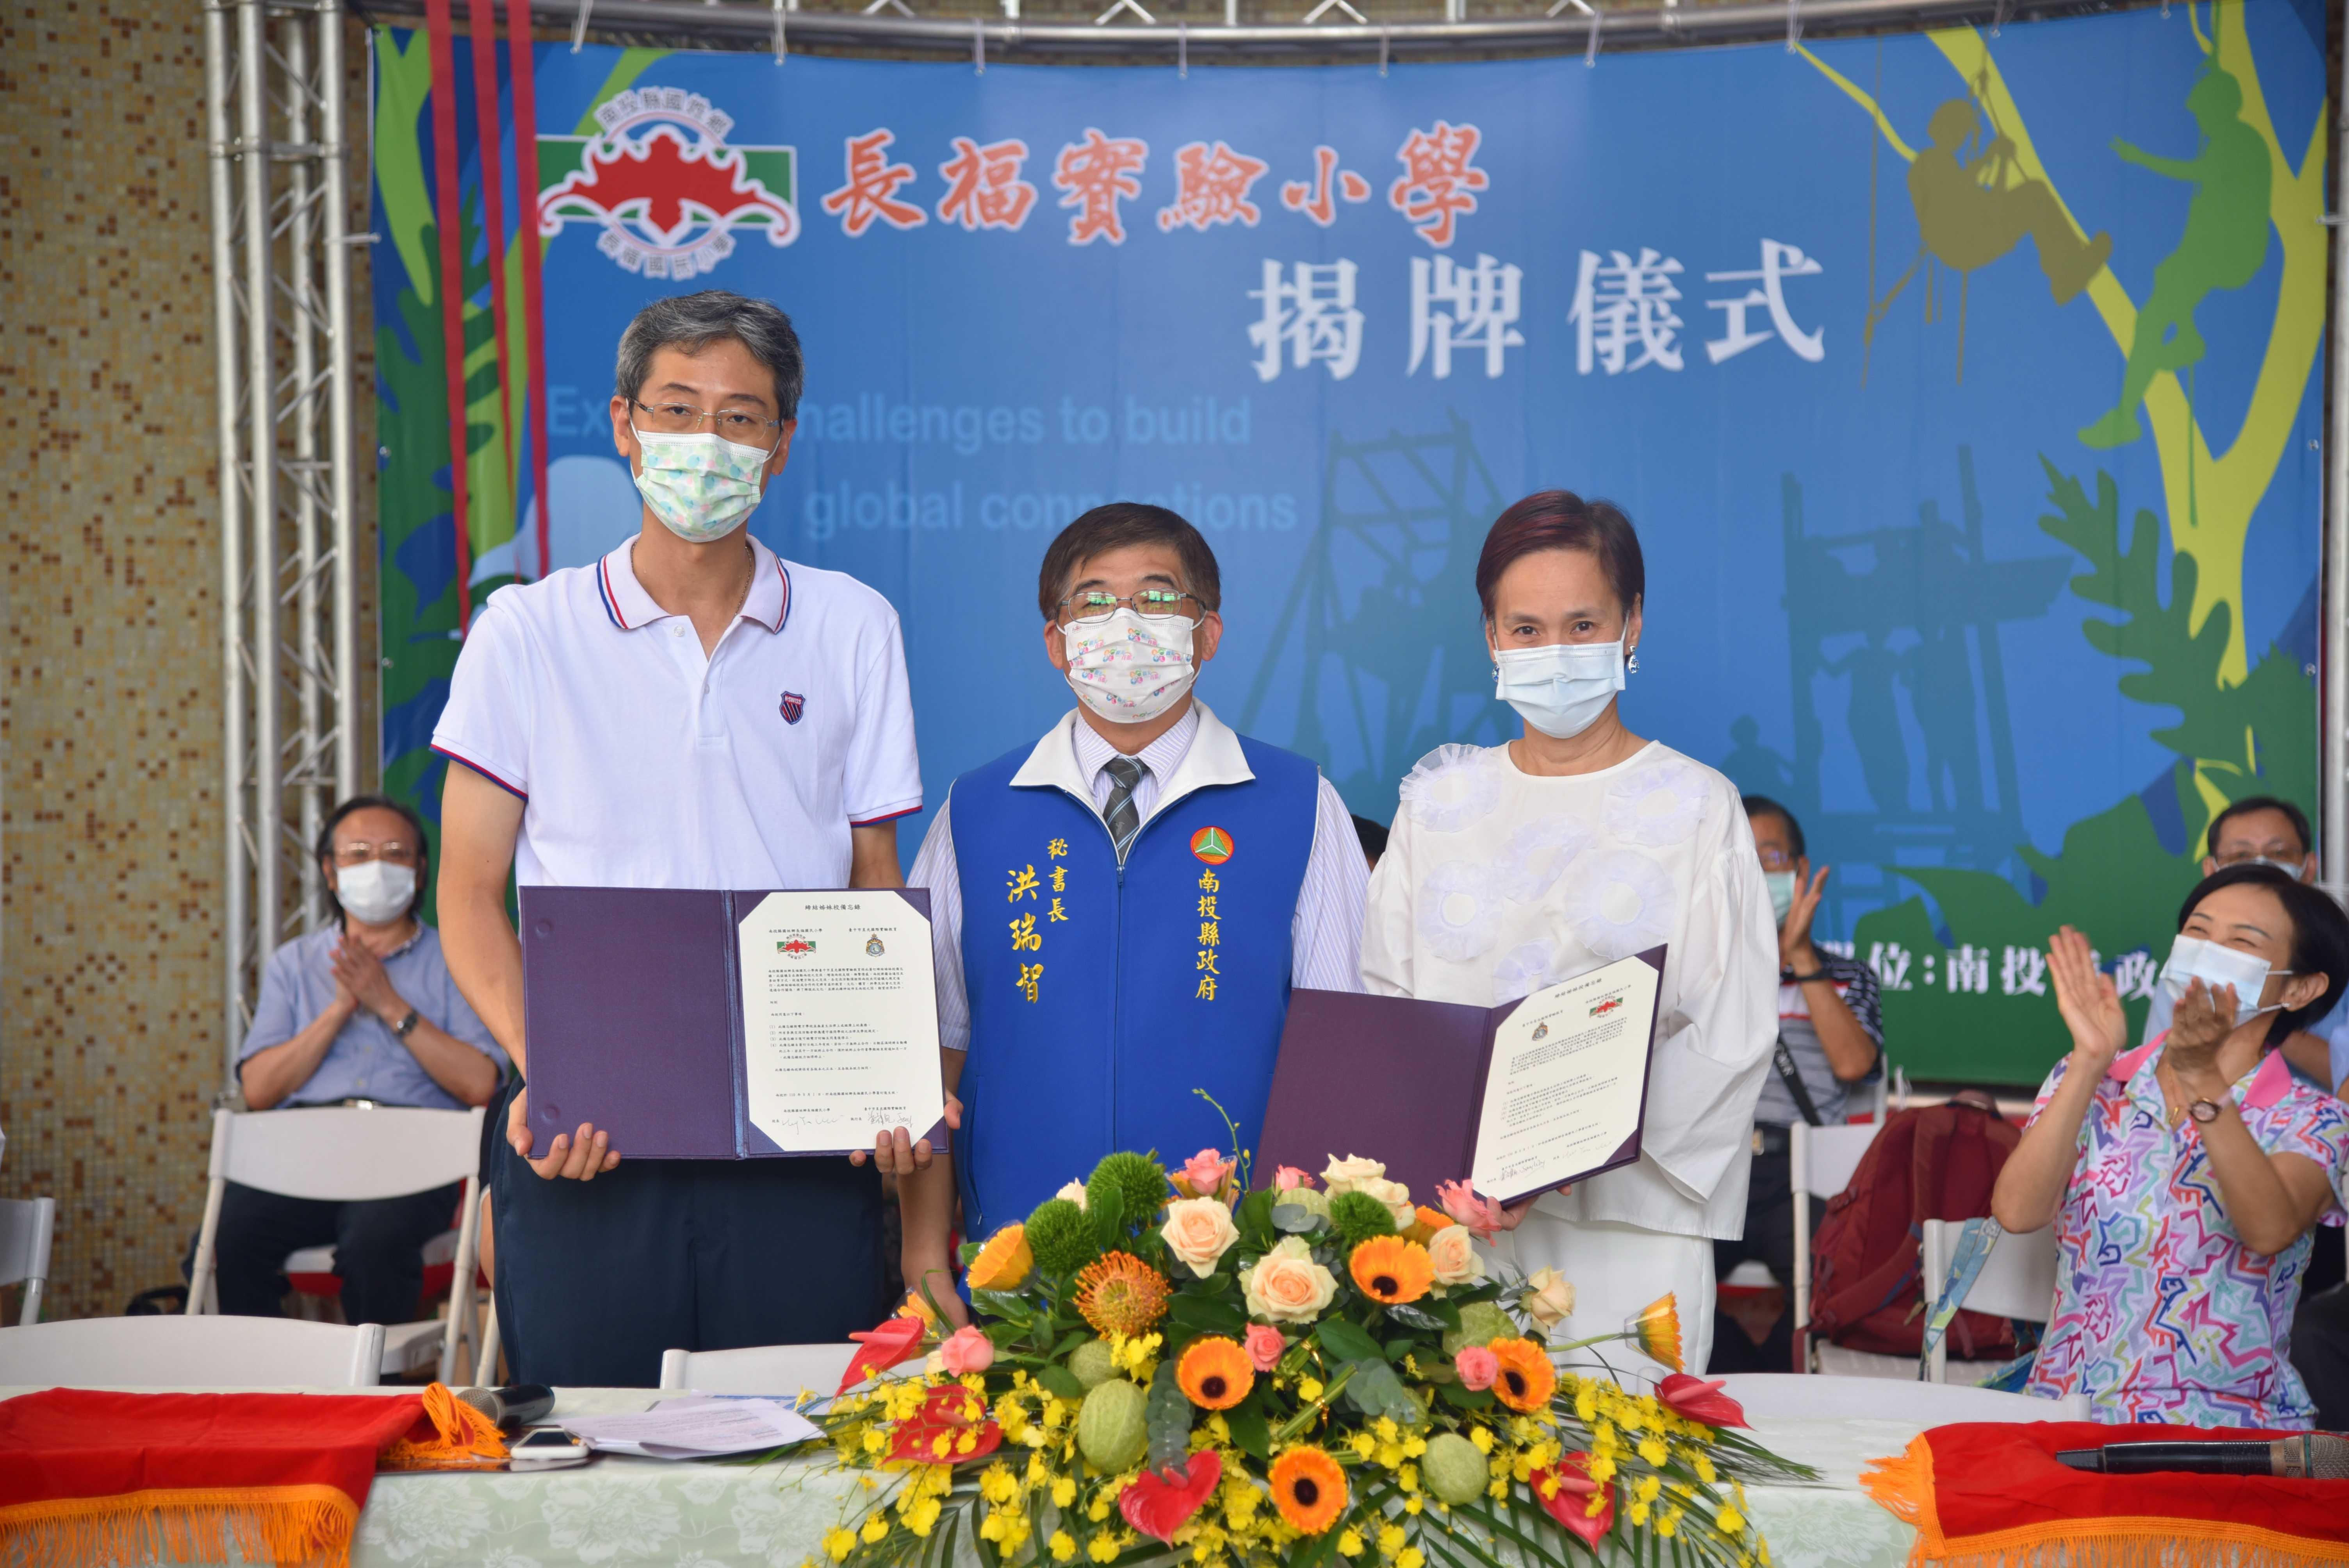 (開新視窗)連至 長福實驗小學轉型成功 洪秘書長主持揭牌典禮 完整照片